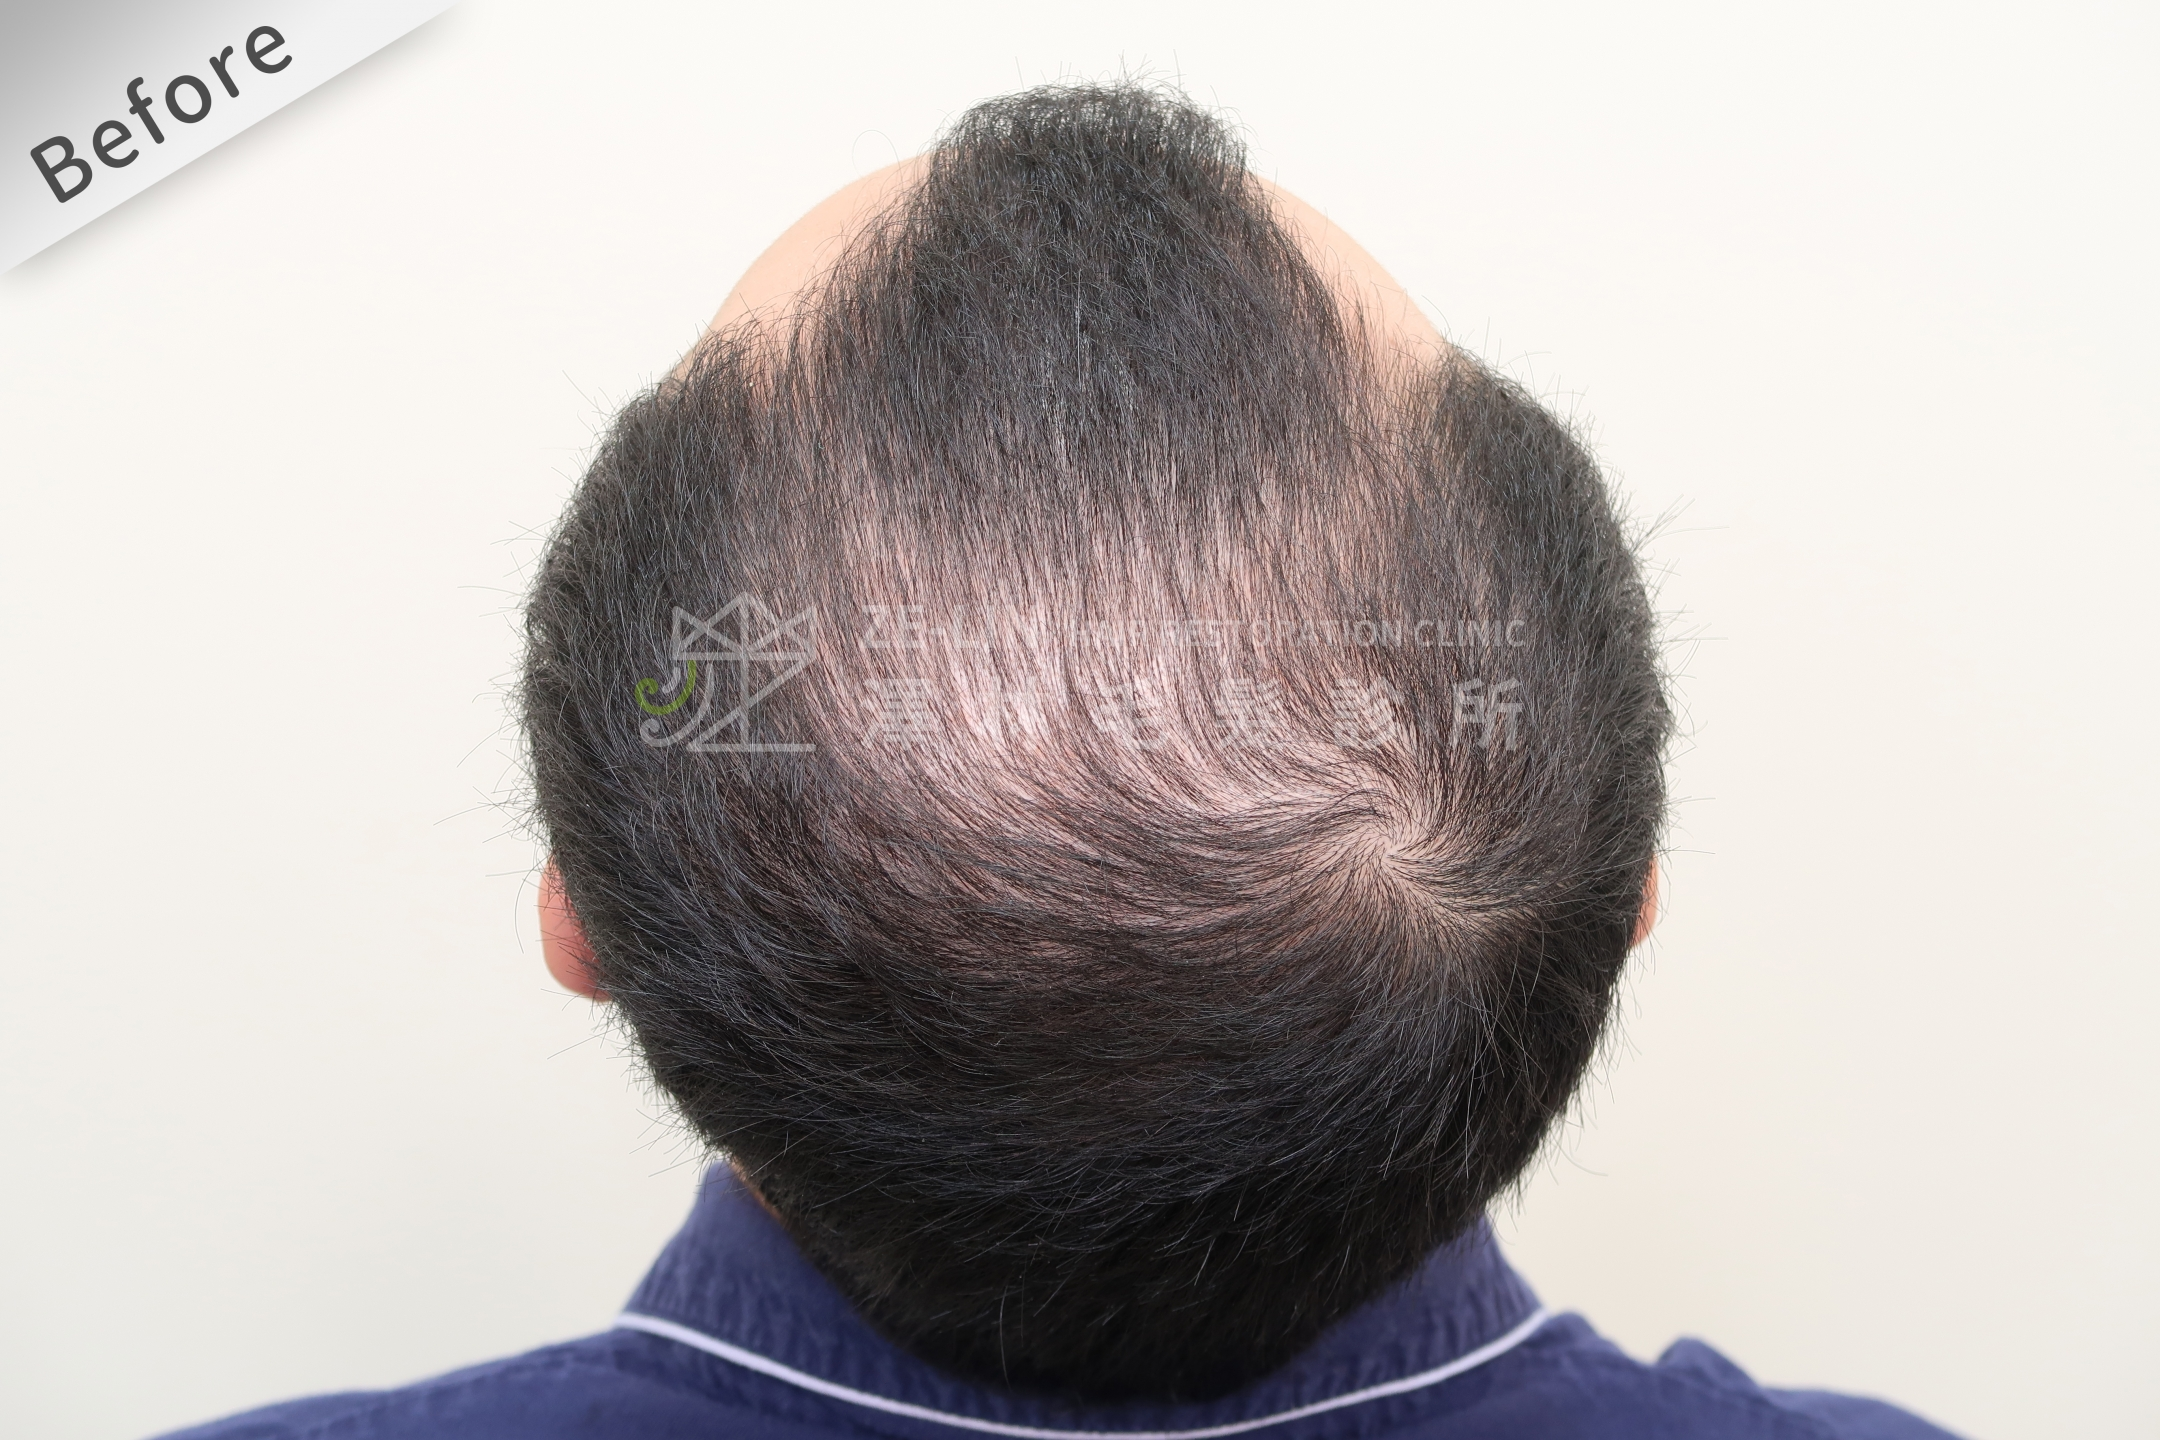 雄性禿植髮評價:術前頭頂